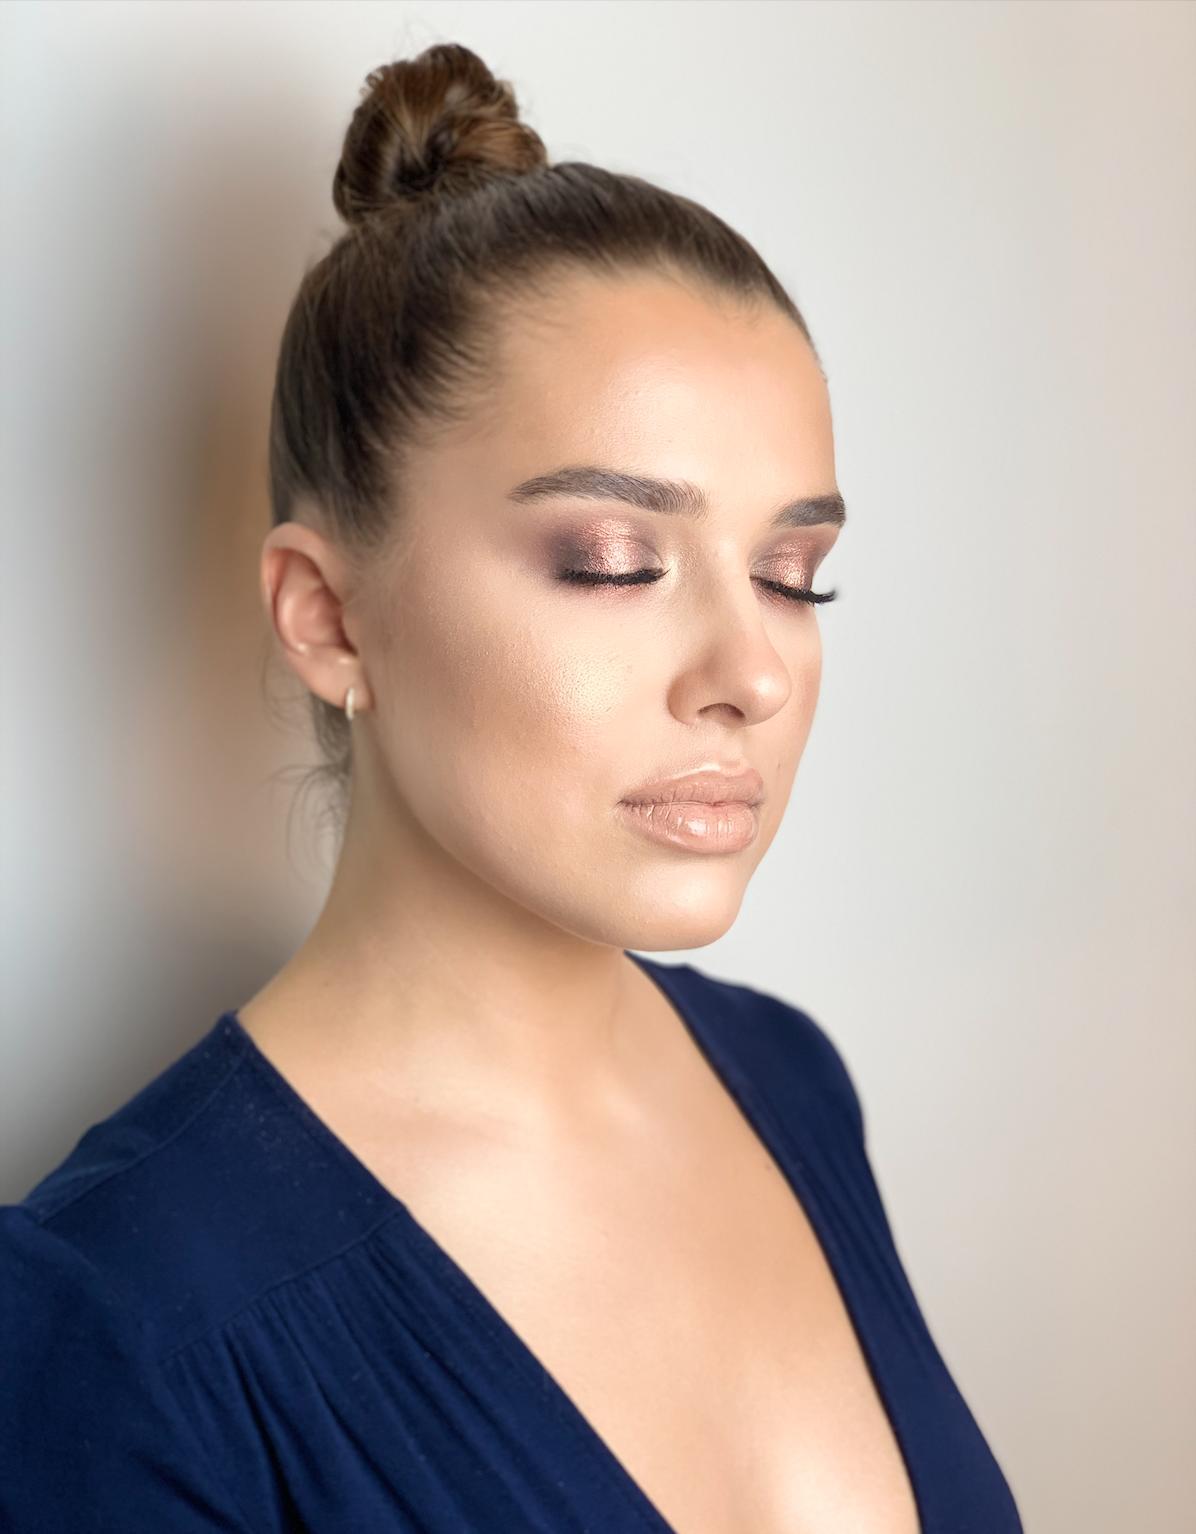 To klasyczny zestaw w najczęściej wybieranych odcieniach. Idealna kompozycja do zrobienia bezpiecznego i szybkiego codziennego makijażu. Jasny, kremowy cień jest niezbędny do rozświetlenia powieki w wewnętrznym kąciku.  Ceglasty odcień sprawdzi się przy wszystkich posiadaczkach niebieskich oczu- kolor tęczówki zostanie podkreślony i wzmocniony. Trzeci kolor, czekoladowy, może być łączony z jasnym cieniem w przypadku codziennego makijażu lub zastosowany solowo także przy smokey eyes.  Idealna kompozycja dla cieplejszego typu urody.